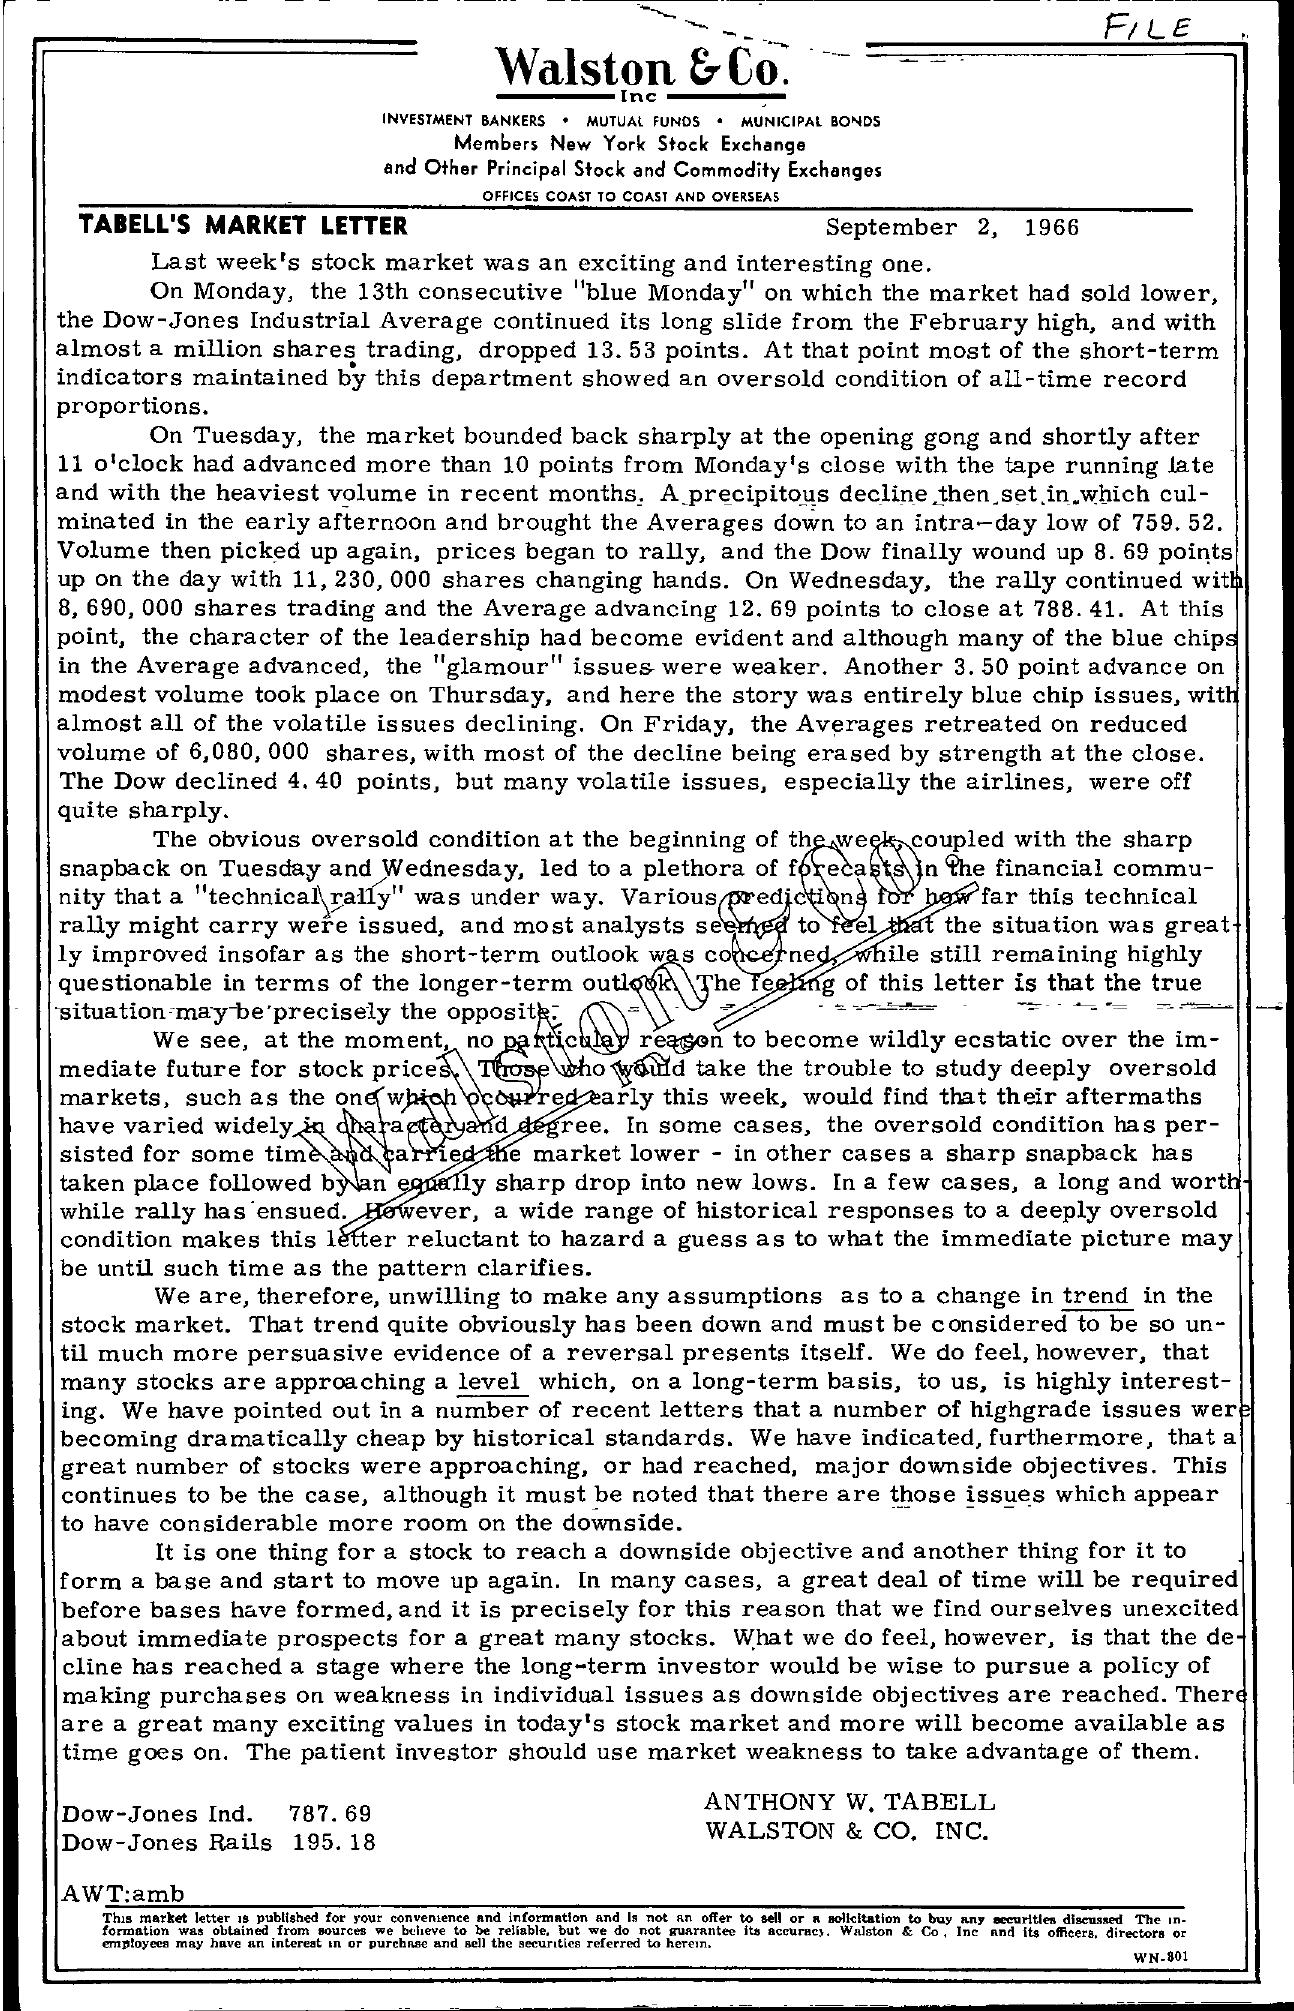 Tabell's Market Letter - September 02, 1966